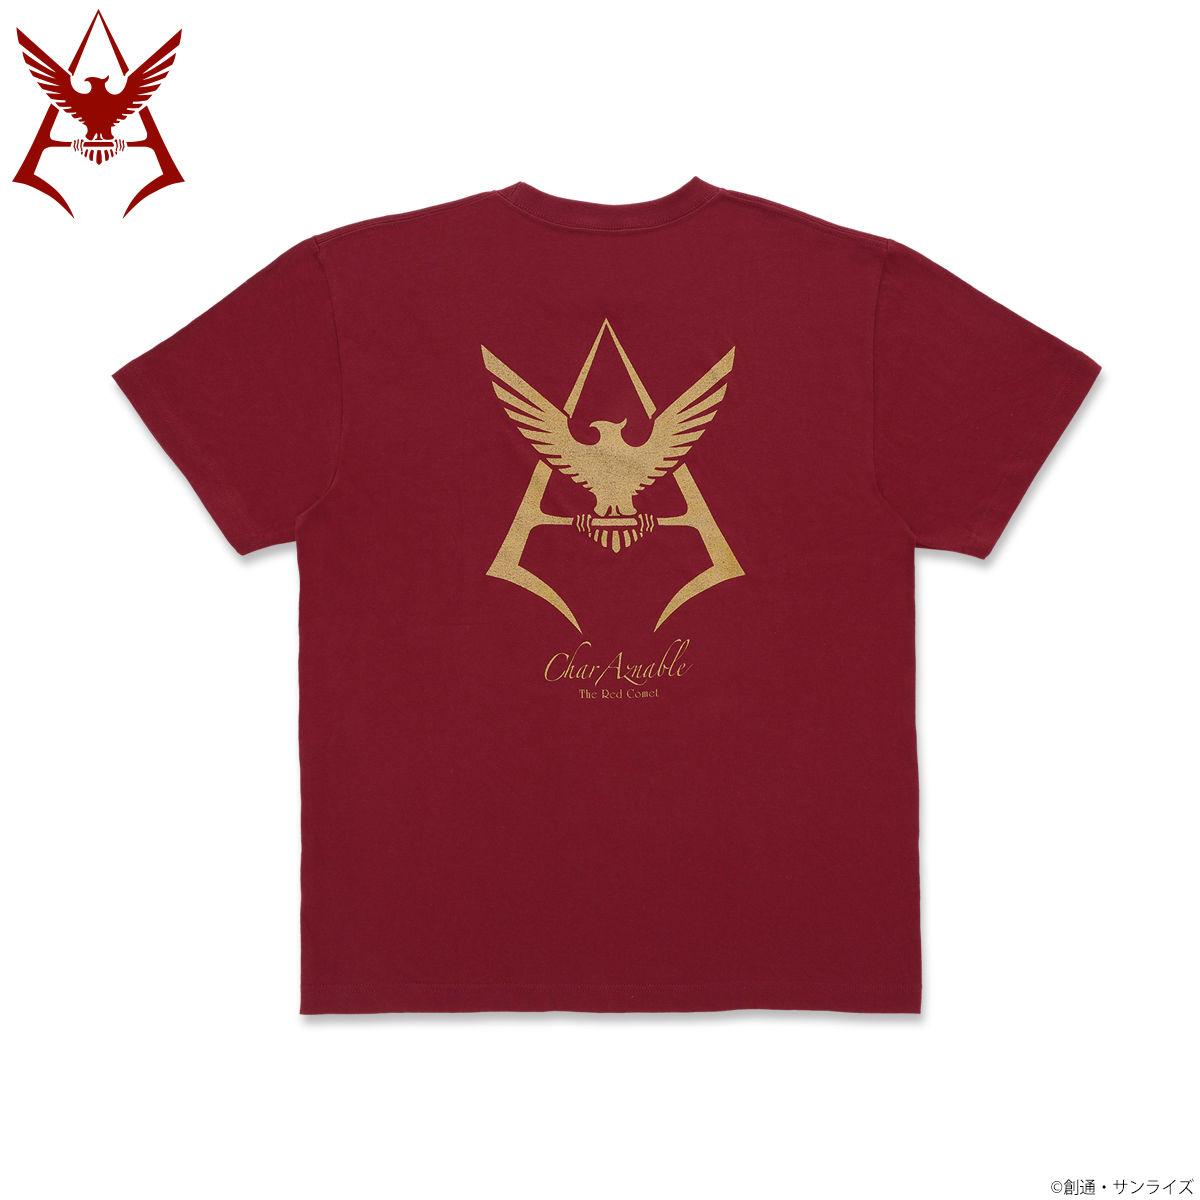 Mobile Suit Gundam Char Aznable Golden Emblem T-shirt